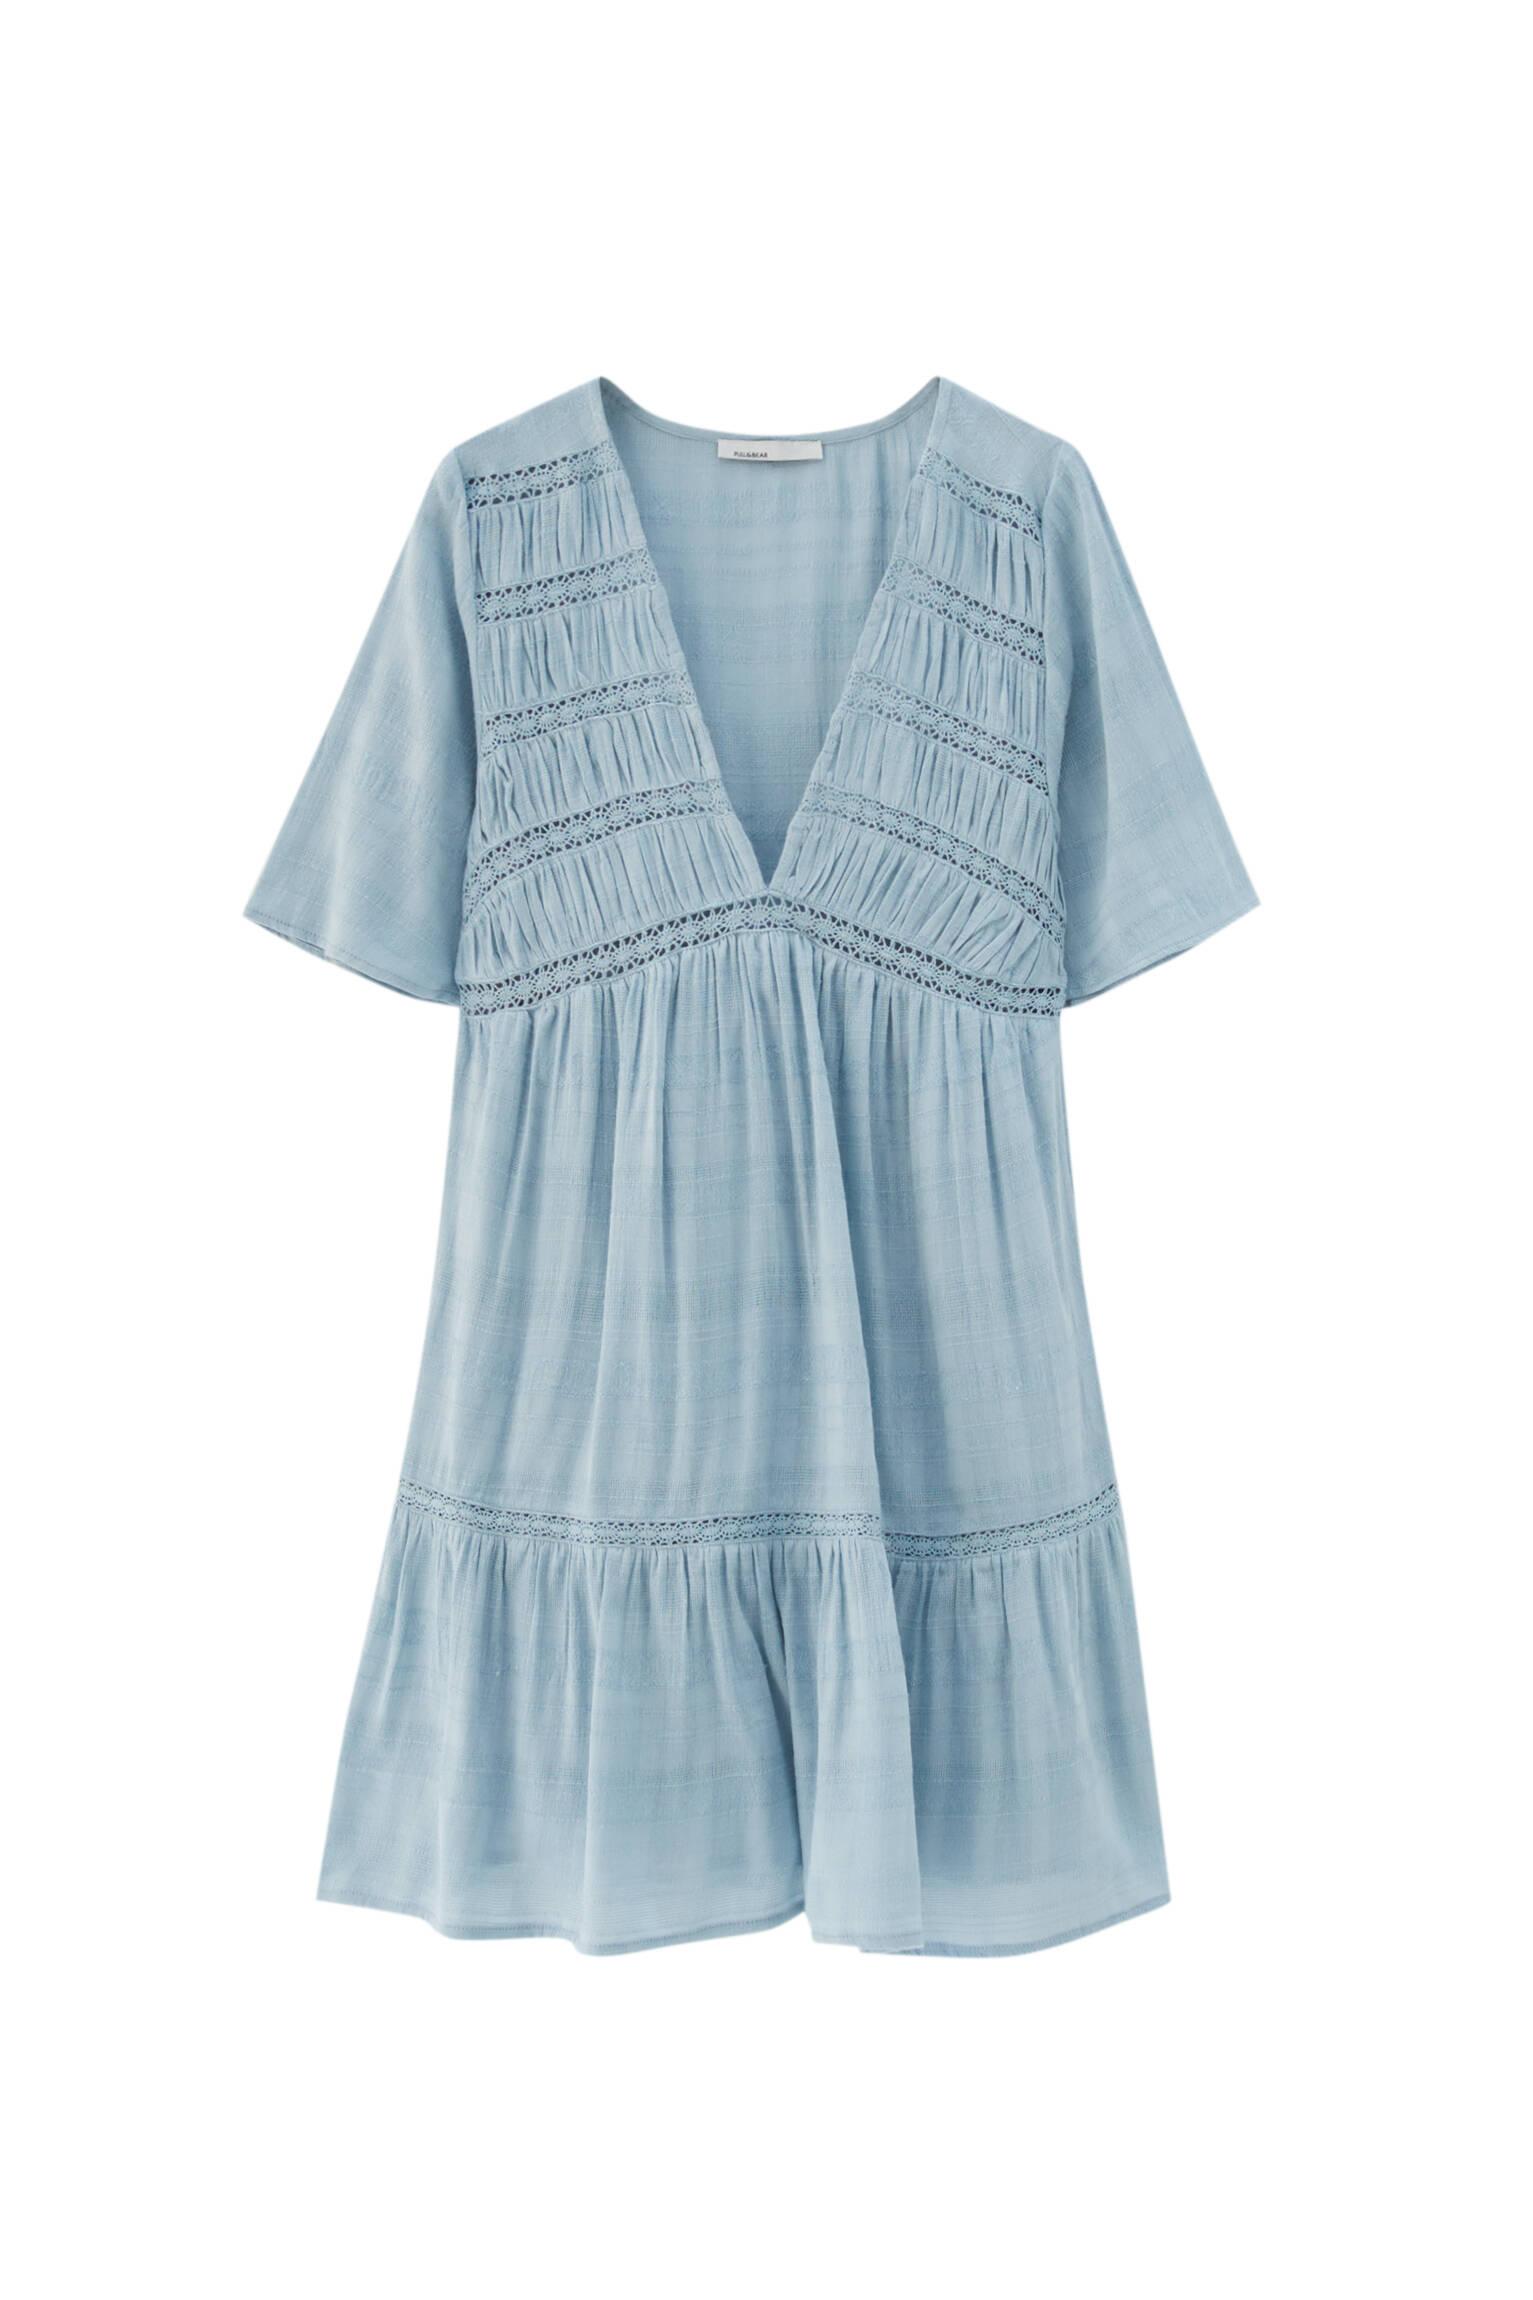 ГОЛУБОЙ Мини-платье из струящейся ткани в стиле рустик Pull & Bear